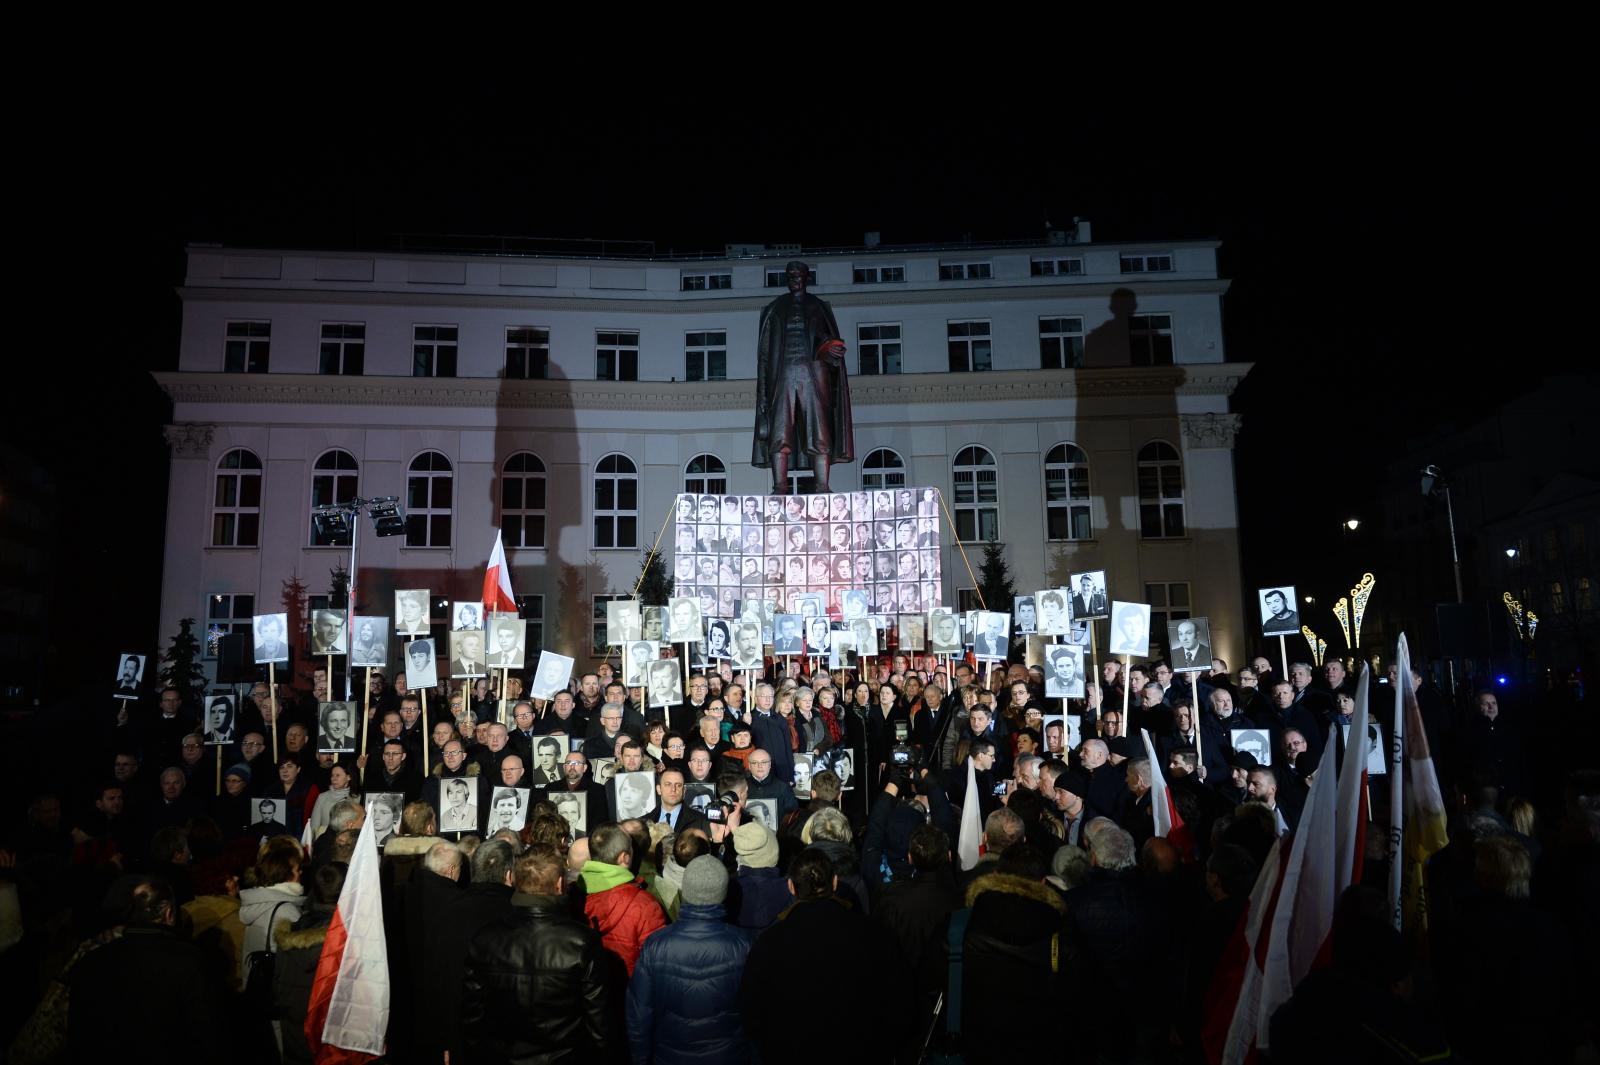 Obchody 36. rocznicy wprowadzenia stanu wojennego, przy pomniku Wincentego Witosa na placu Trzech Krzyży w Warszawie, fot. PAP/Jacek Turczyk